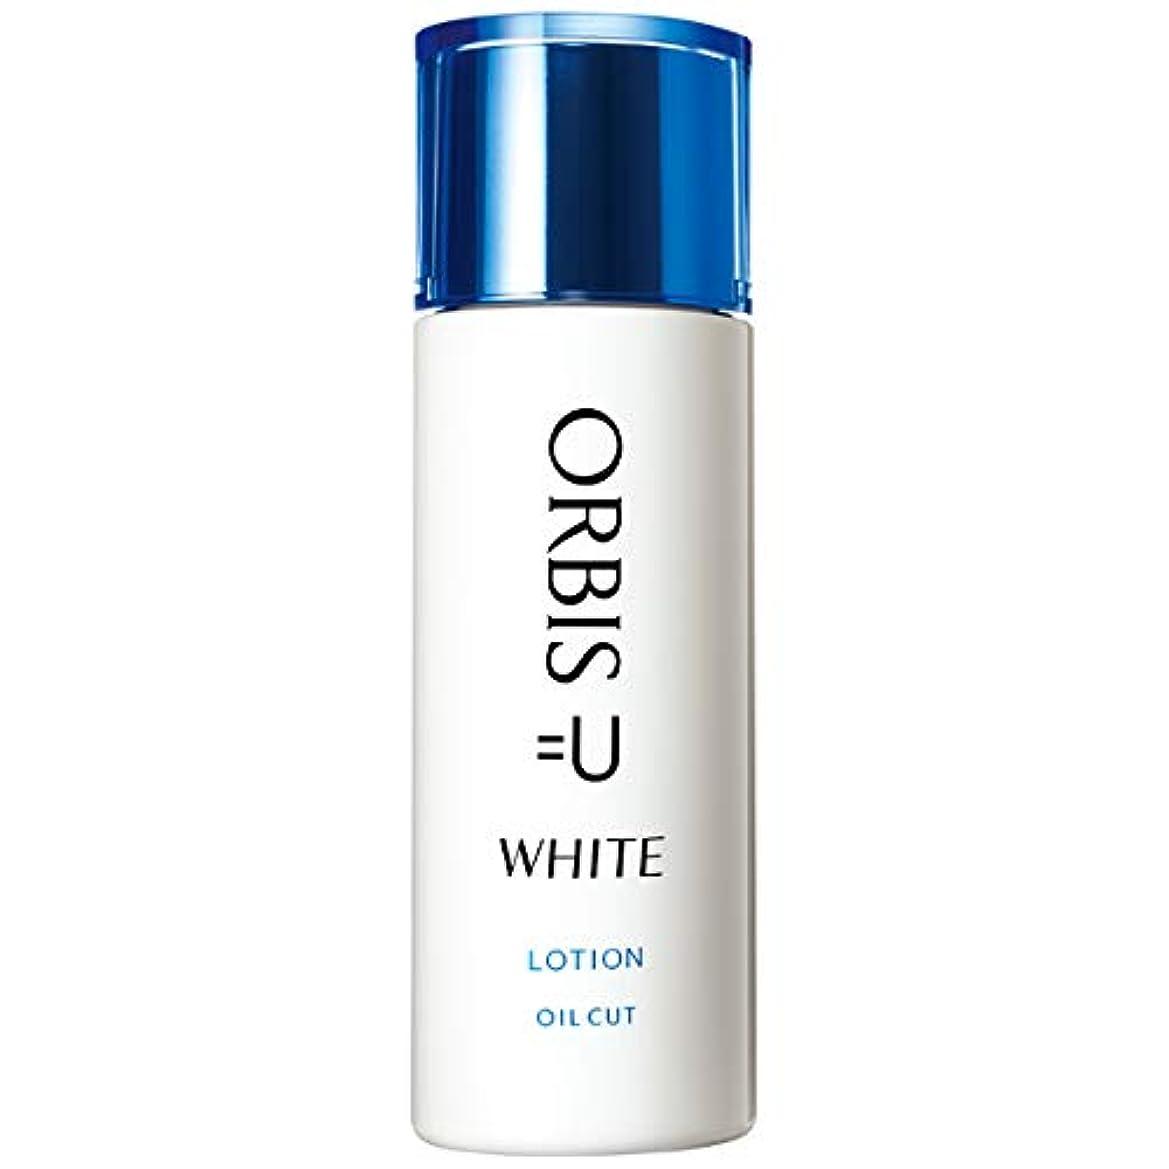 オルビス(ORBIS) オルビスユー ホワイト ローション 180mL 化粧水 [医薬部外品]